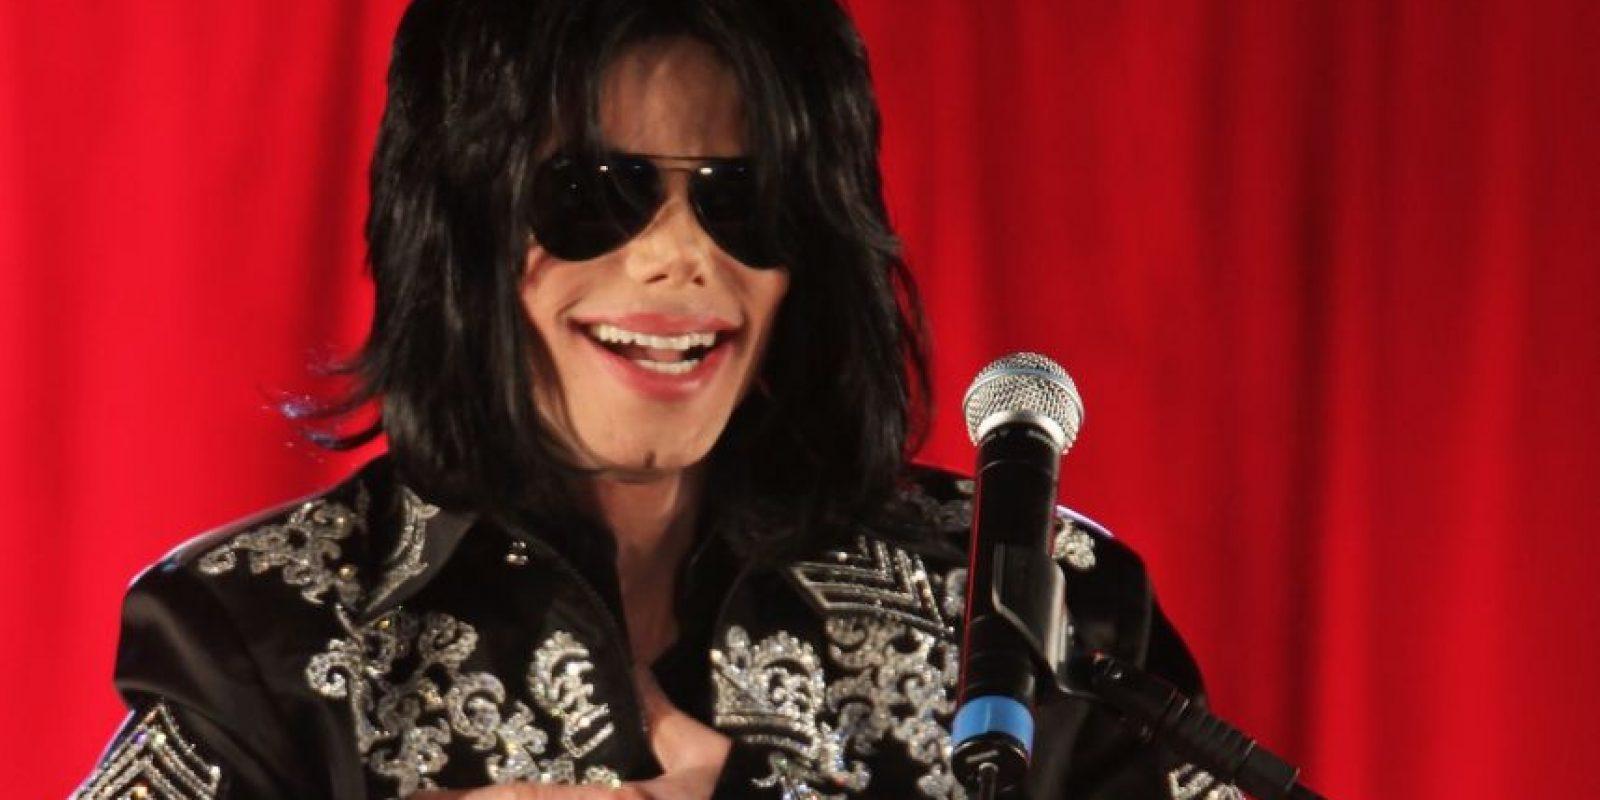 En 2009, el biógrafo no oficial de Jackson reveló que el artista era homosexual y se sentía atraído por hombres más jóvenes que él Foto:Getty Images